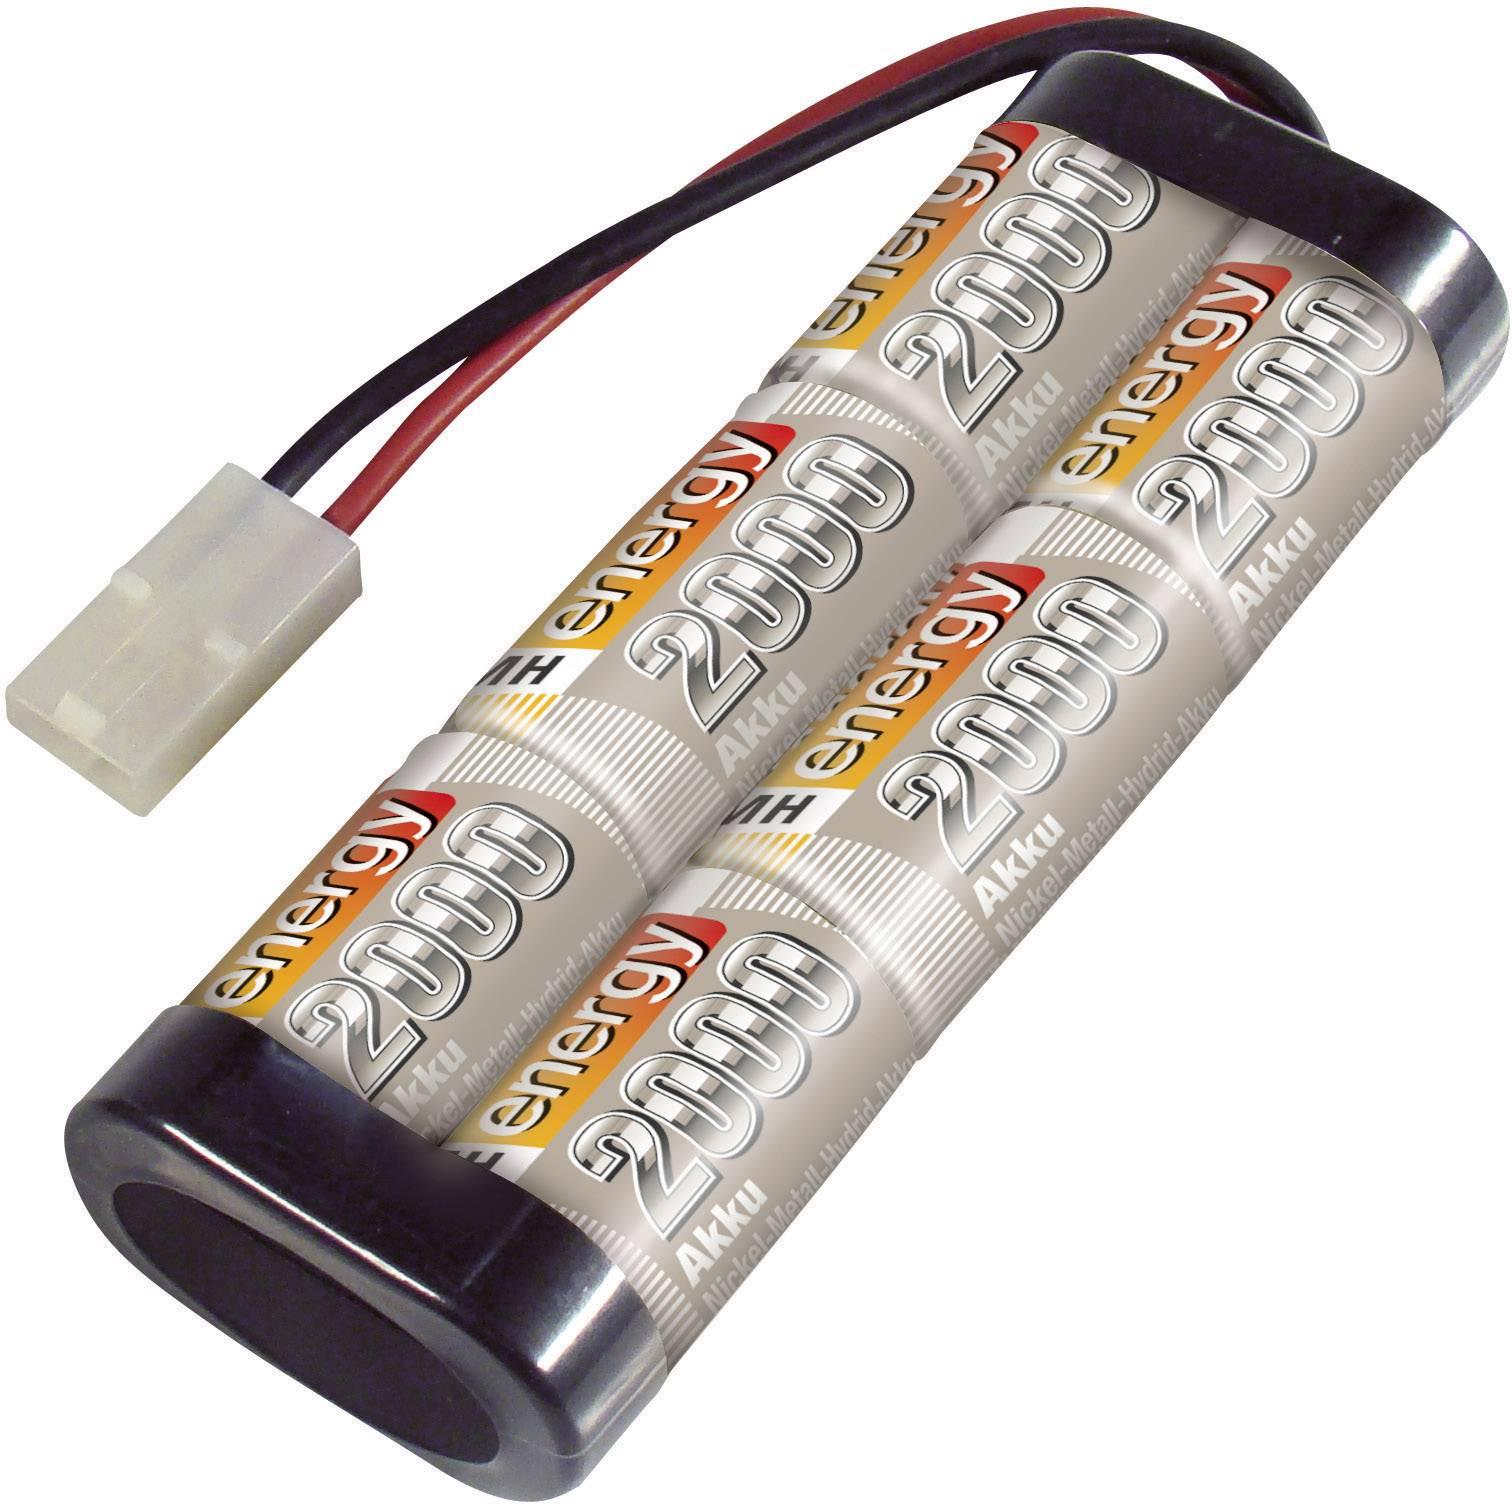 Akupack NiMH Conrad energy 206025, 7.2 V, 2000 mAh